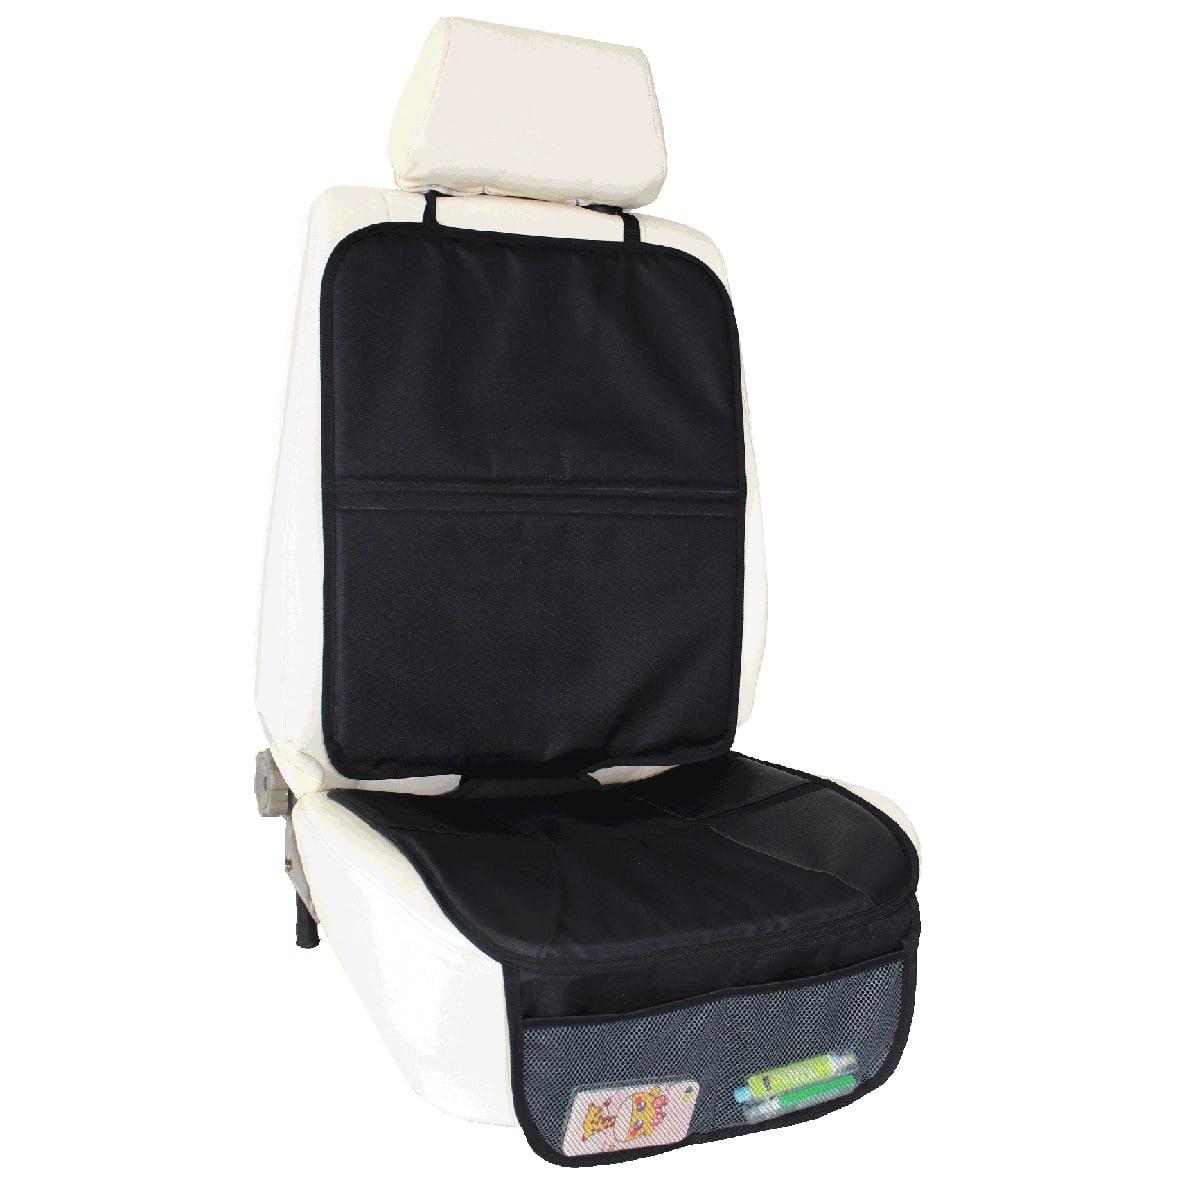 Beskyt bilsædet med smart betræk med lommer til opbevaring